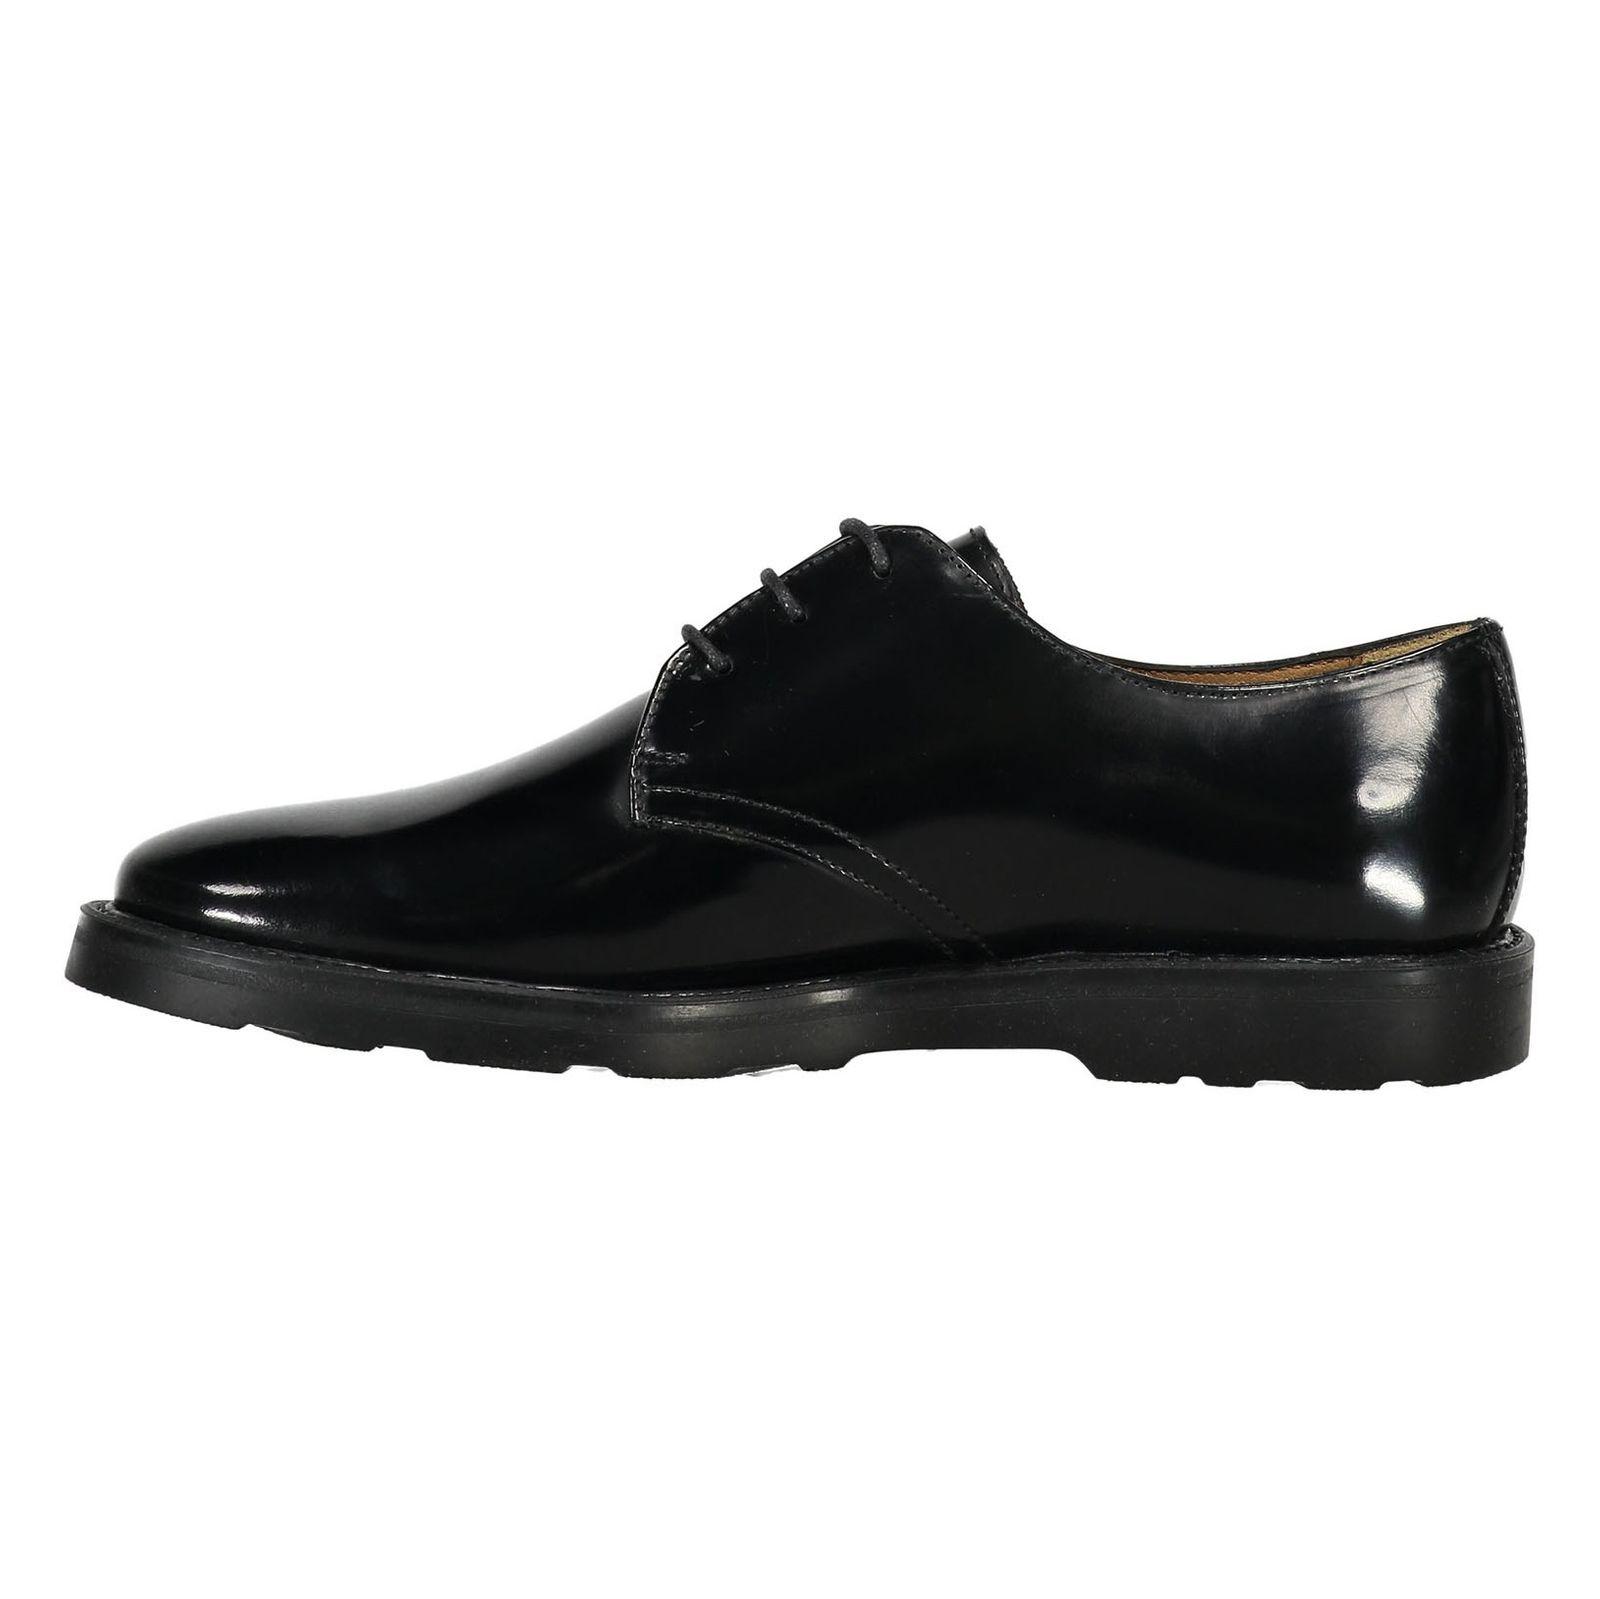 کفش چرم رسمی مردانه - سولدینی - مشکي  - 3